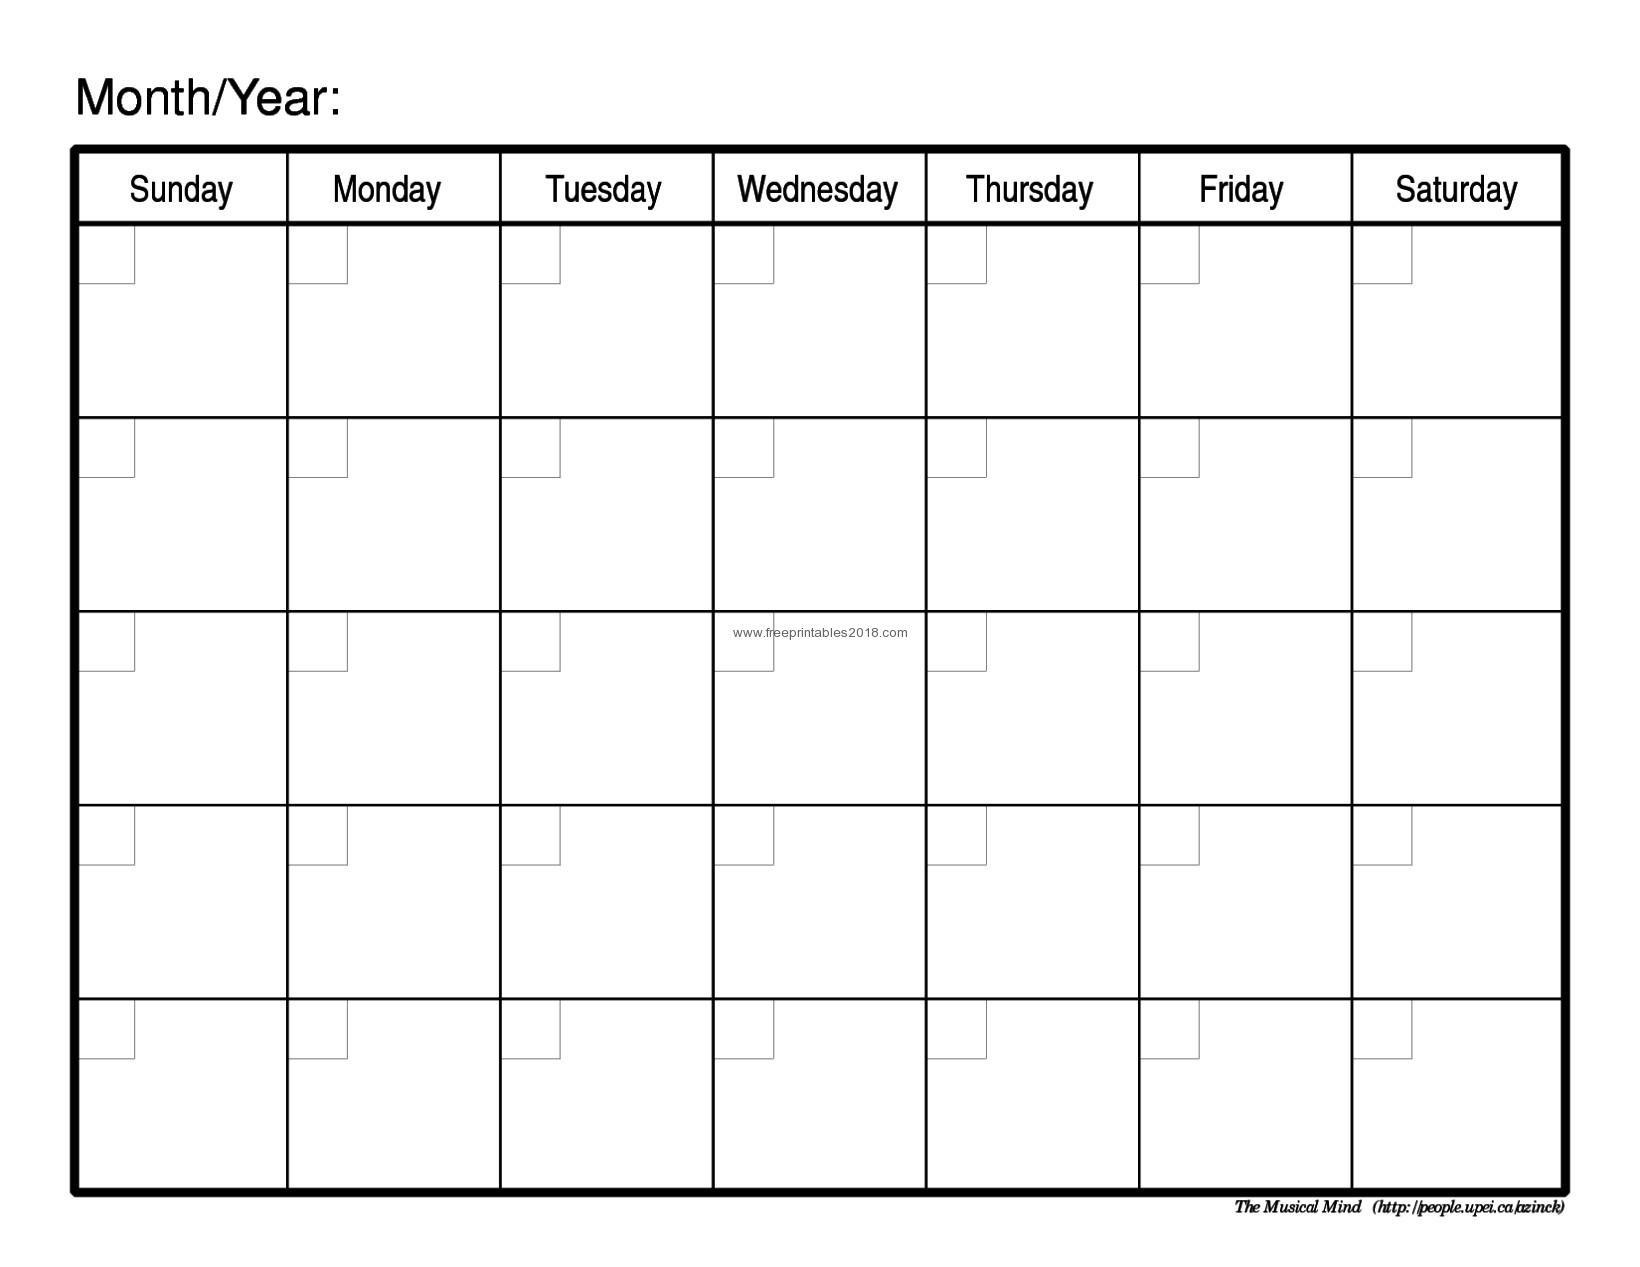 Free Printable Calendar Blank Free Printable Blank Calendar  Free Printable Blank Calendars To Fill In